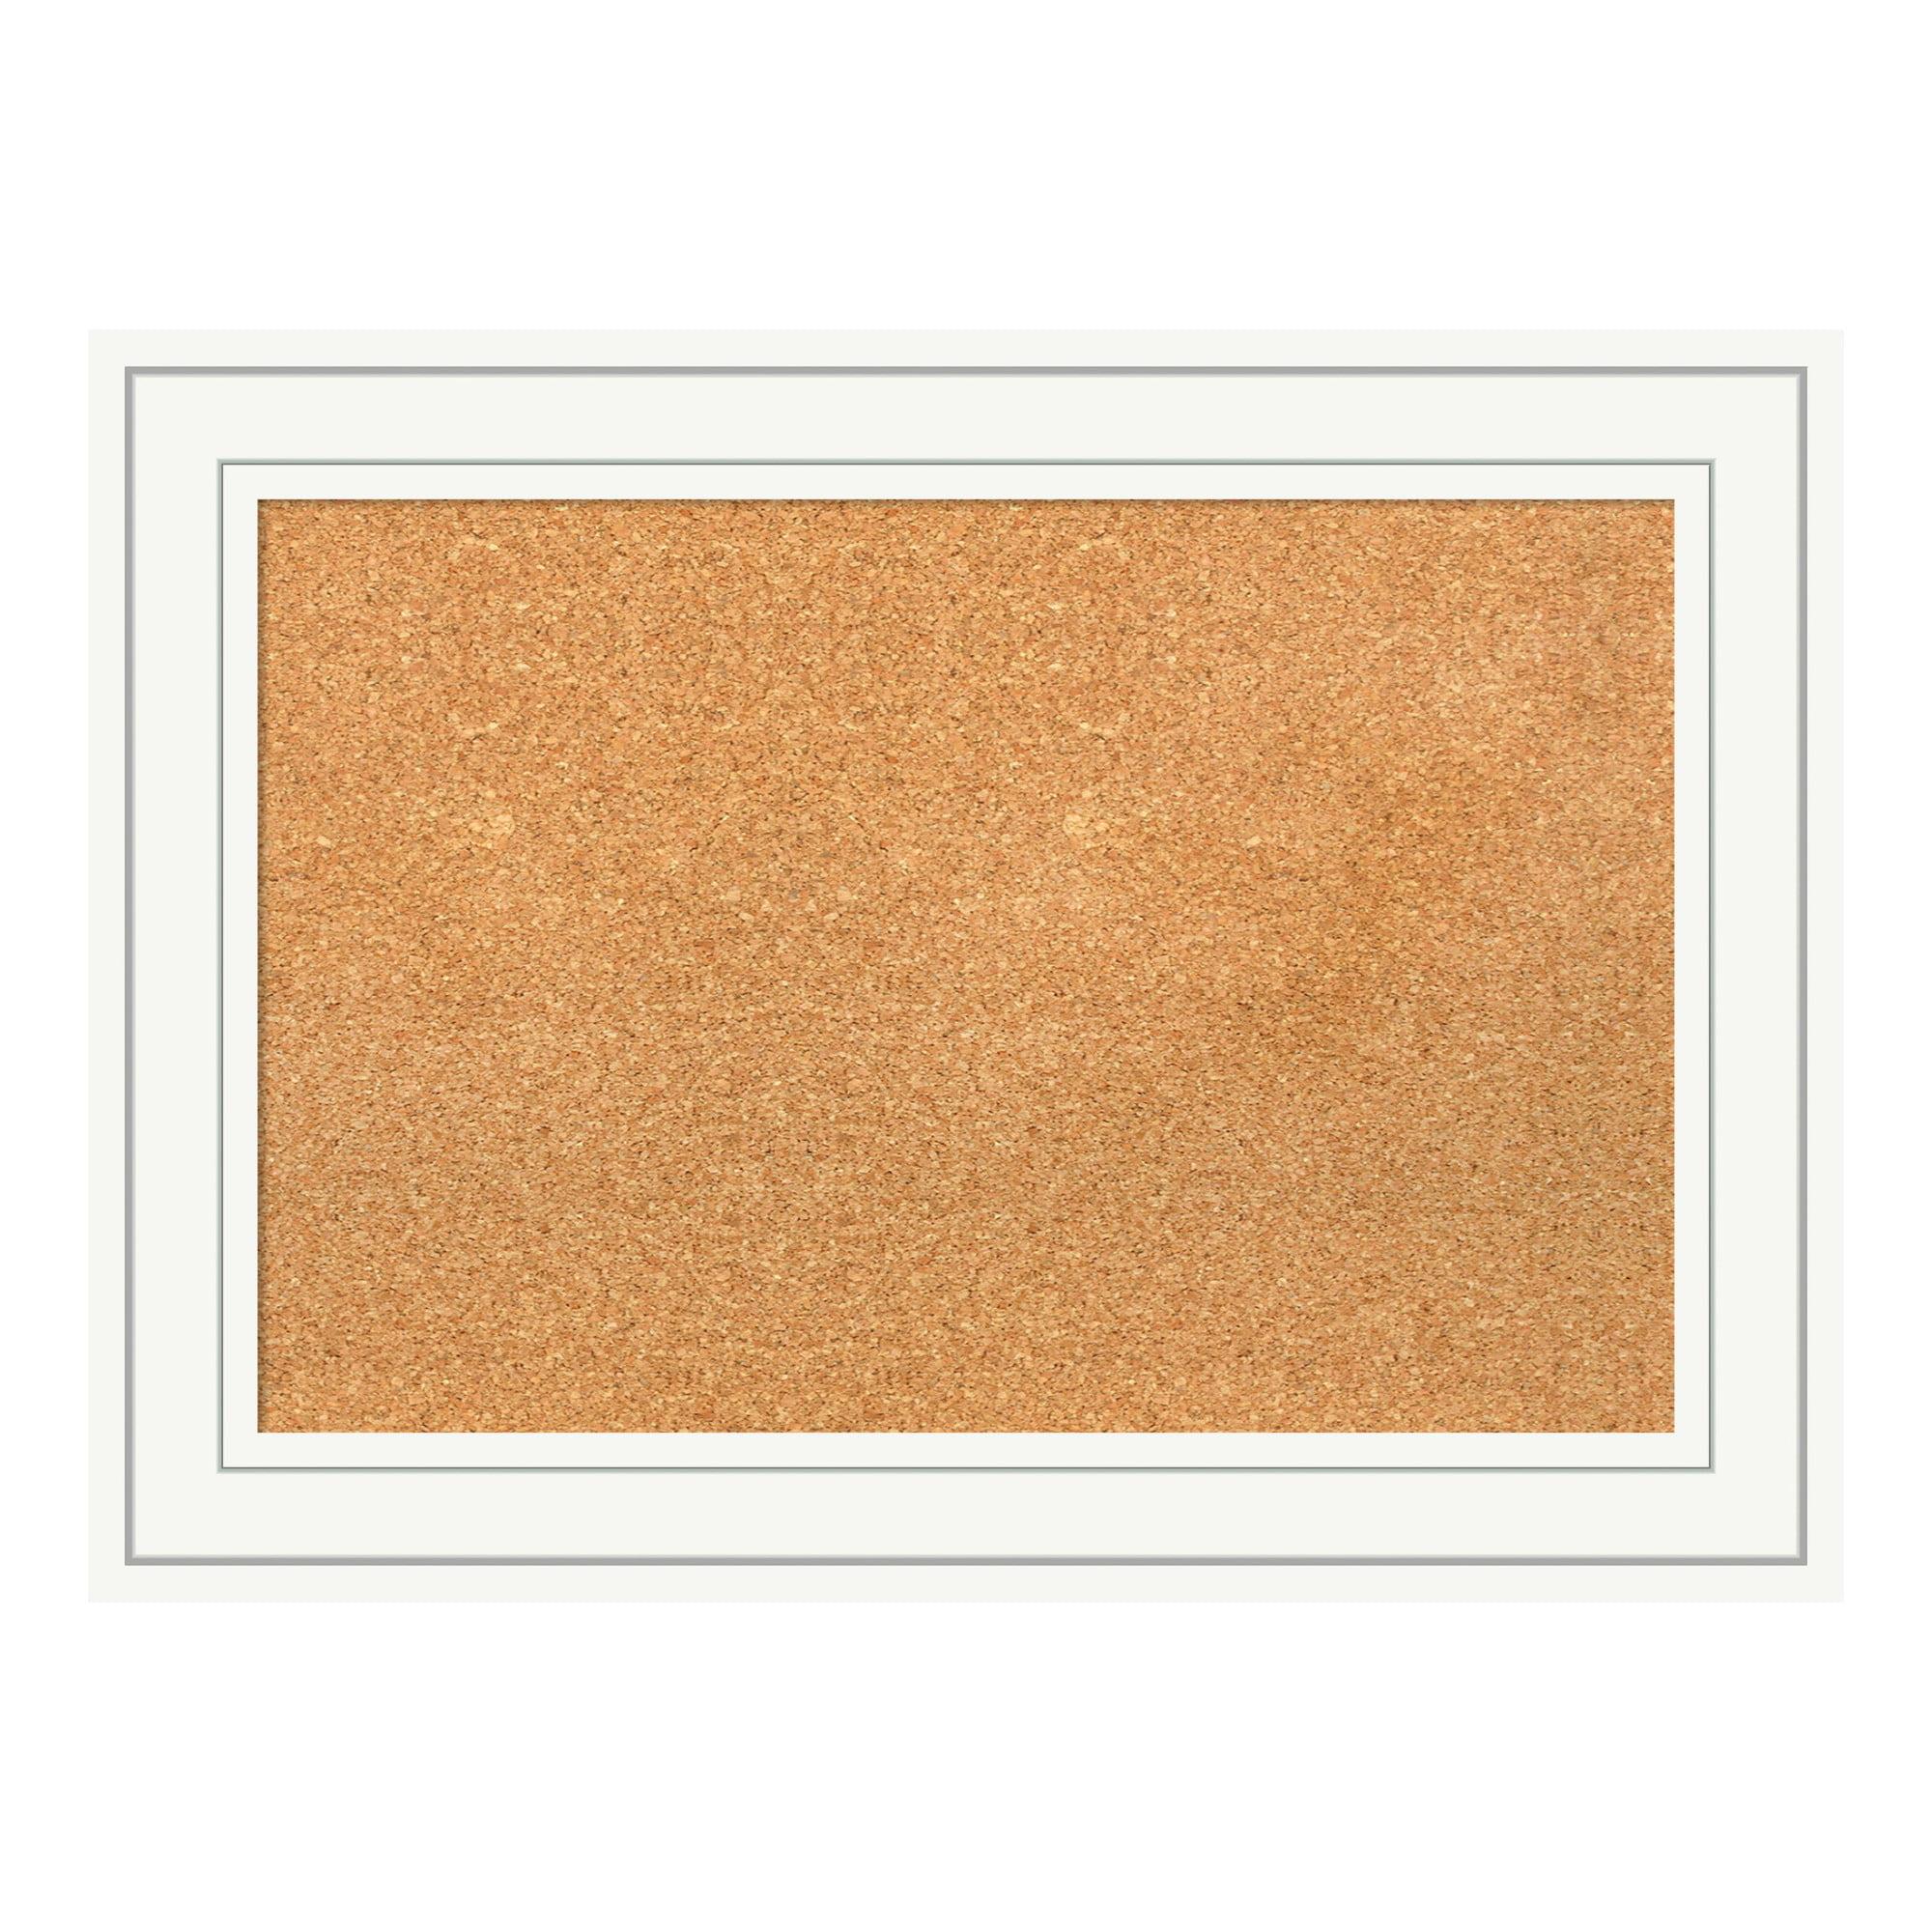 Amanti Art DSWCRACB2921 Craftsman 29 Inch x 21 Inch Framed Cork Board